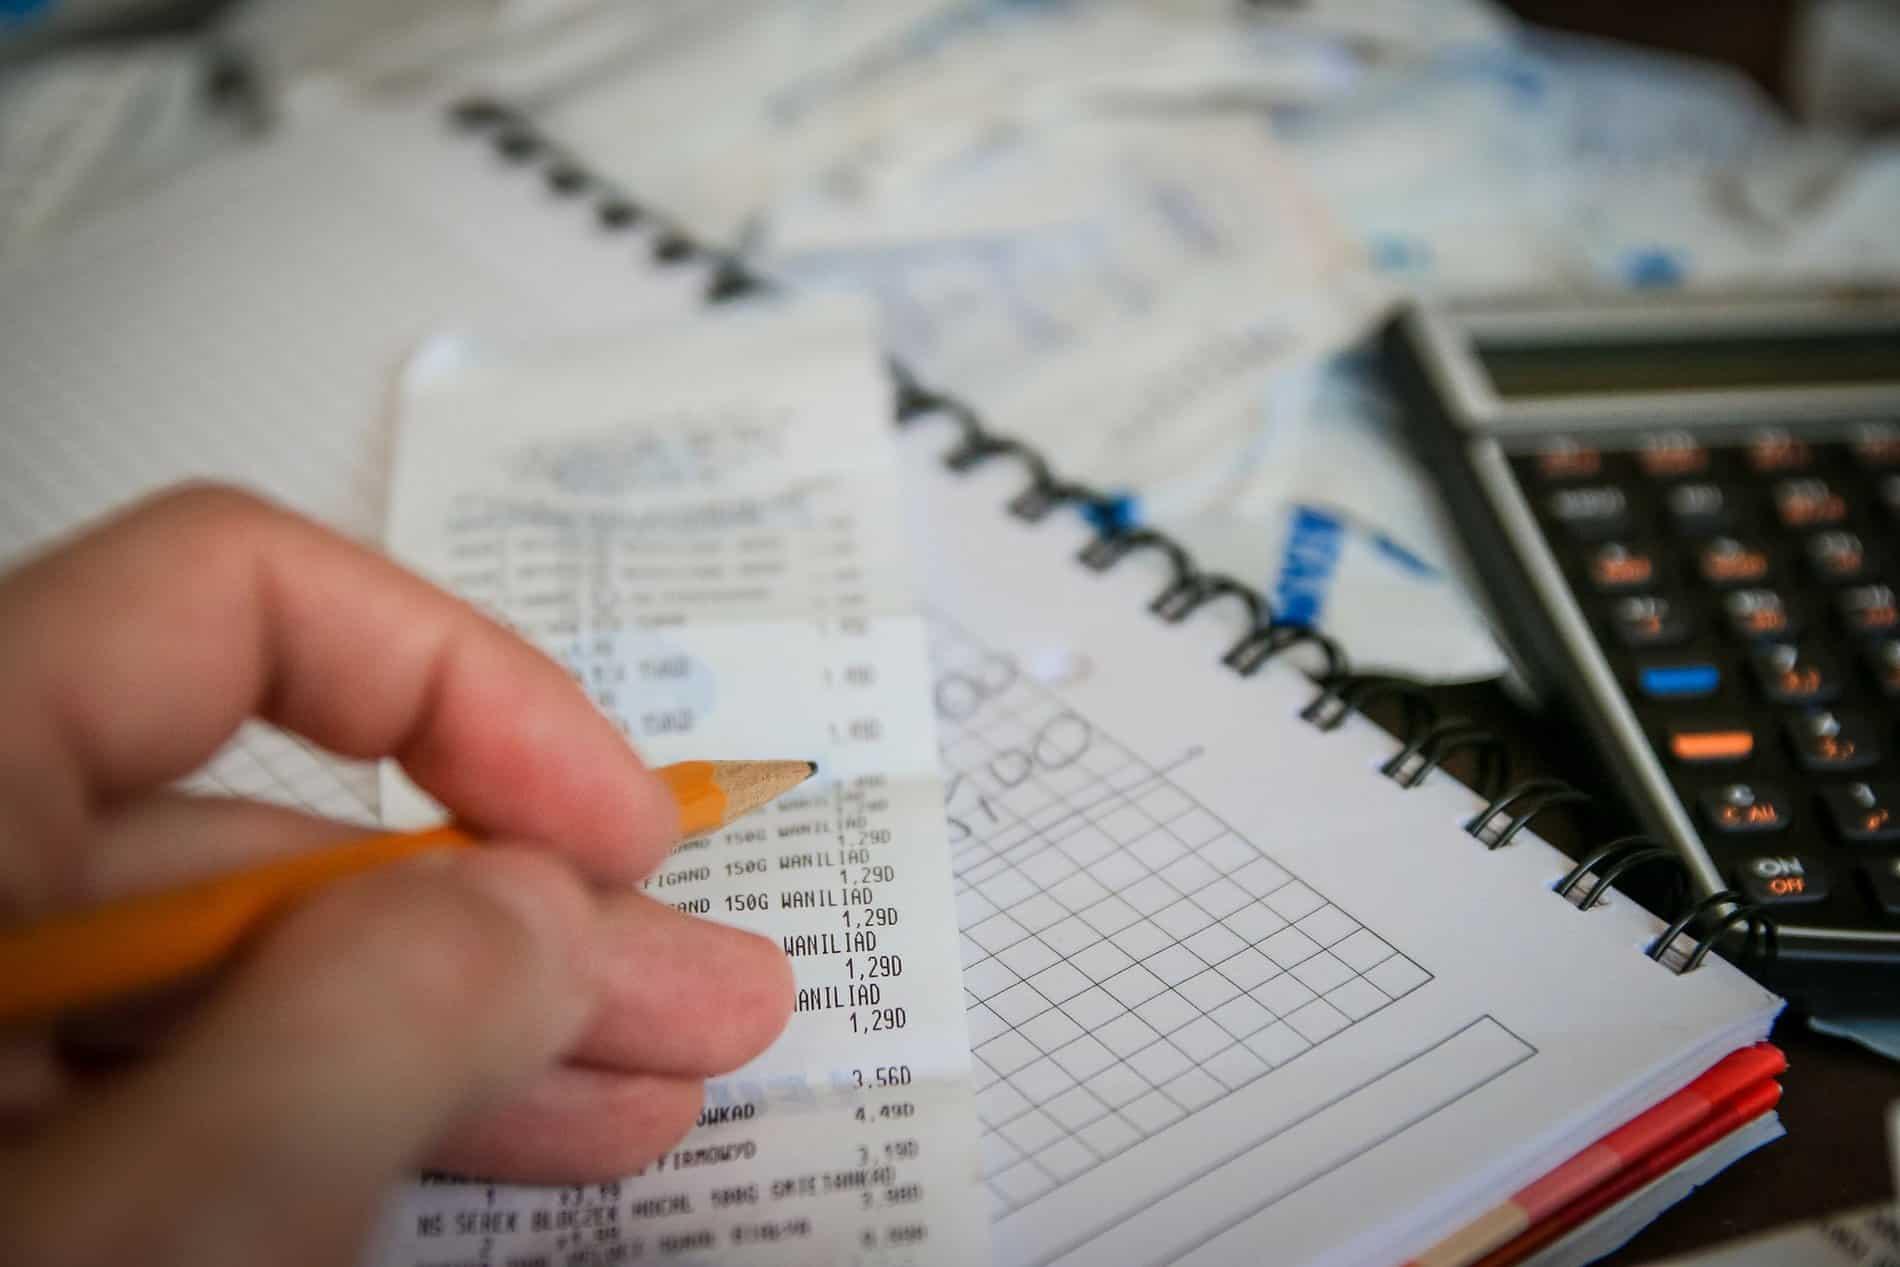 Steuerliche Maßnahmen zur Berücksichtigung der Schäden im Zusammenhang mit den Unwetterereignissen im Juli dieses Jahres